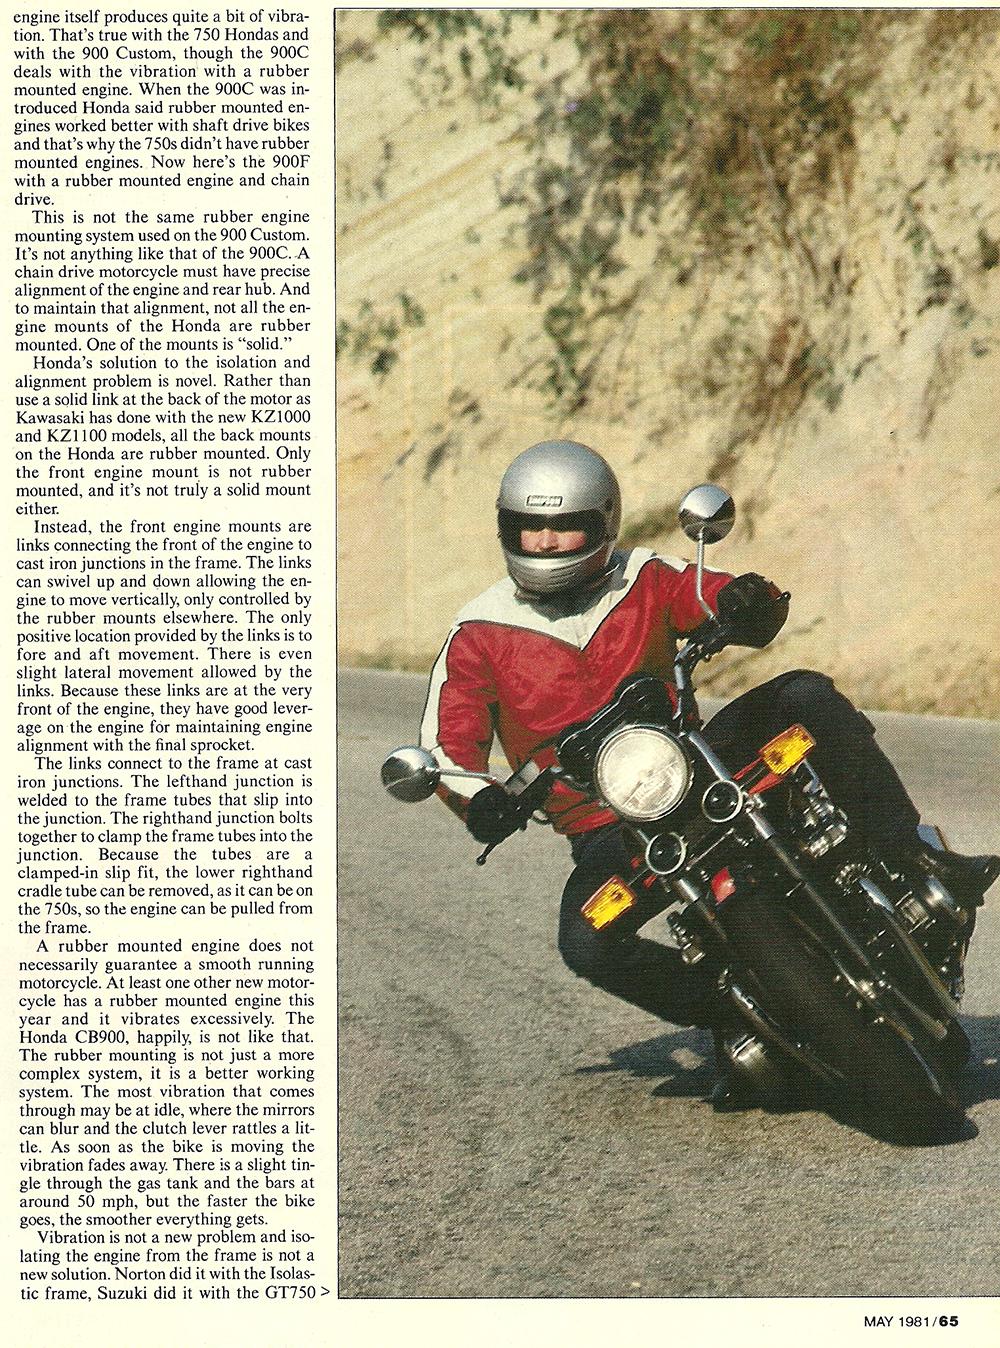 1981 CB900F Super Sport road test 3.jpg